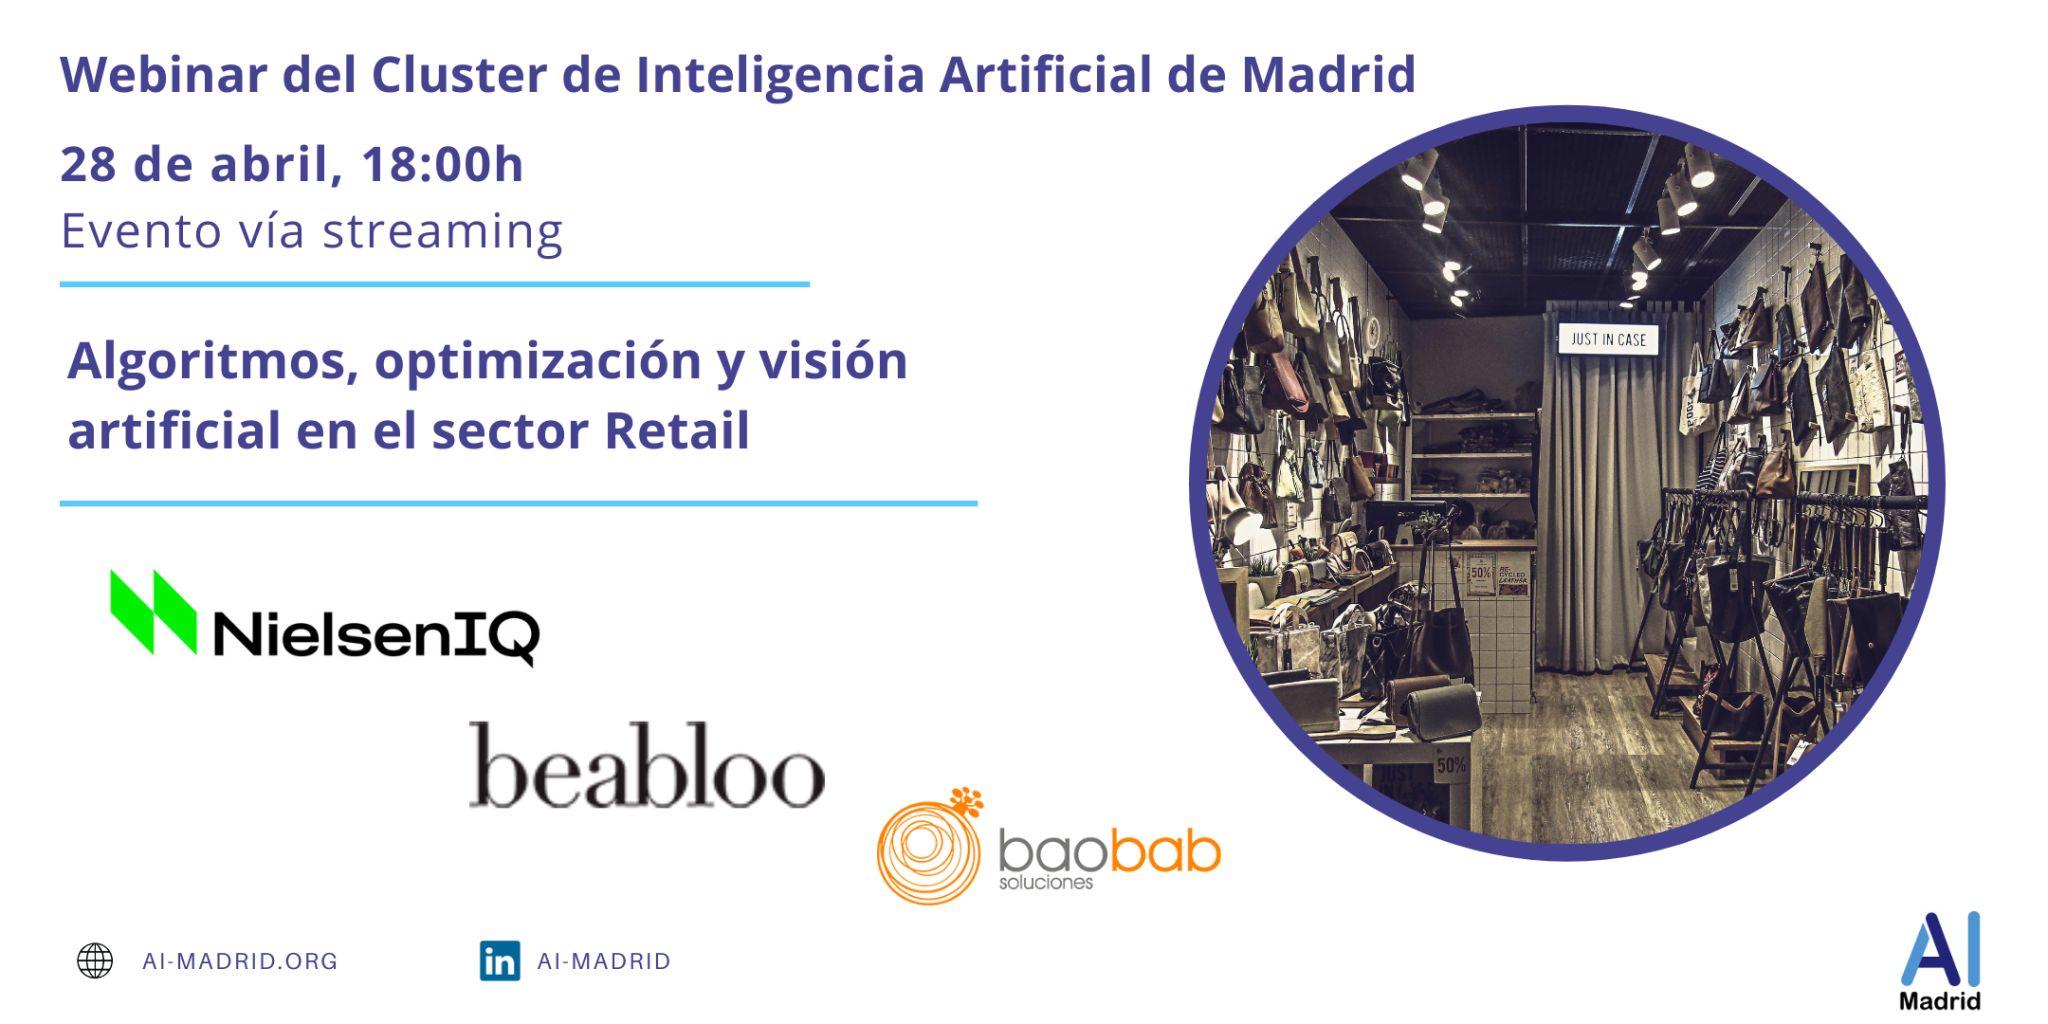 Algoritmos, optimización y visión artificial en el sector Retail